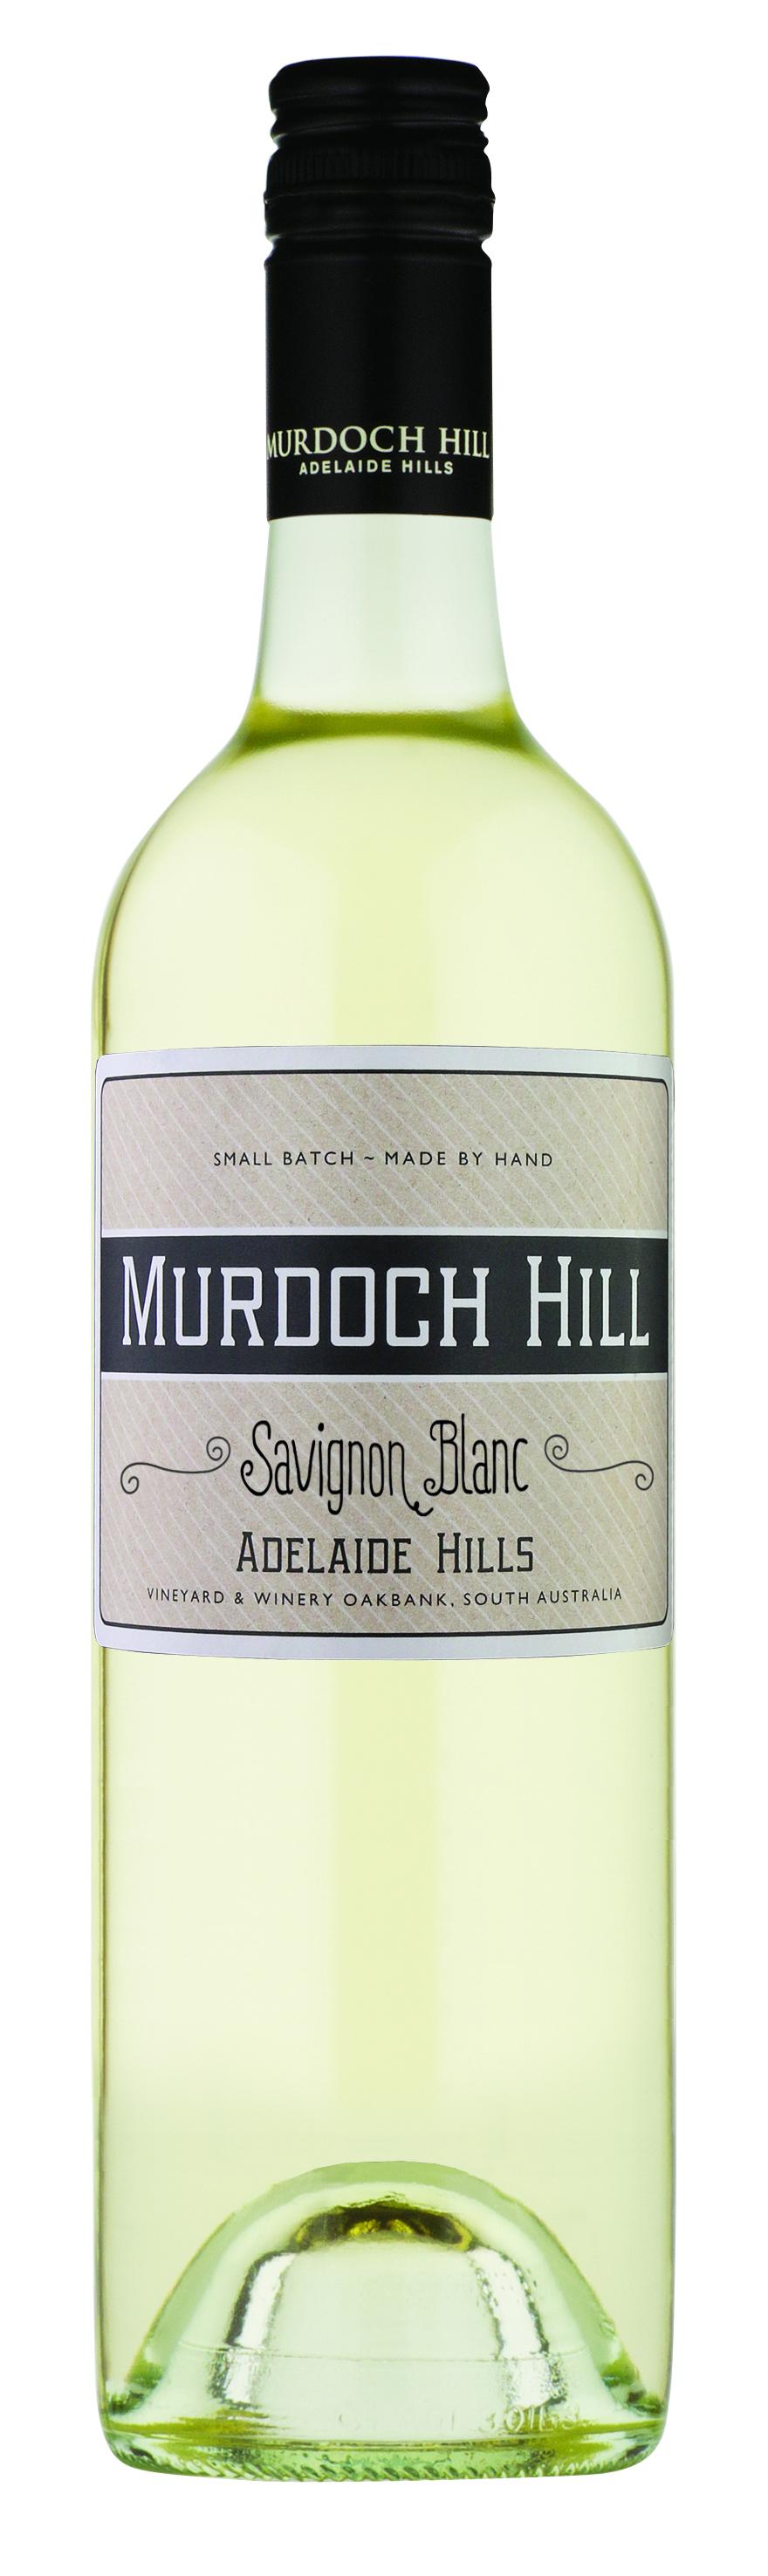 Murdoch Hill Sauvignon Blanc